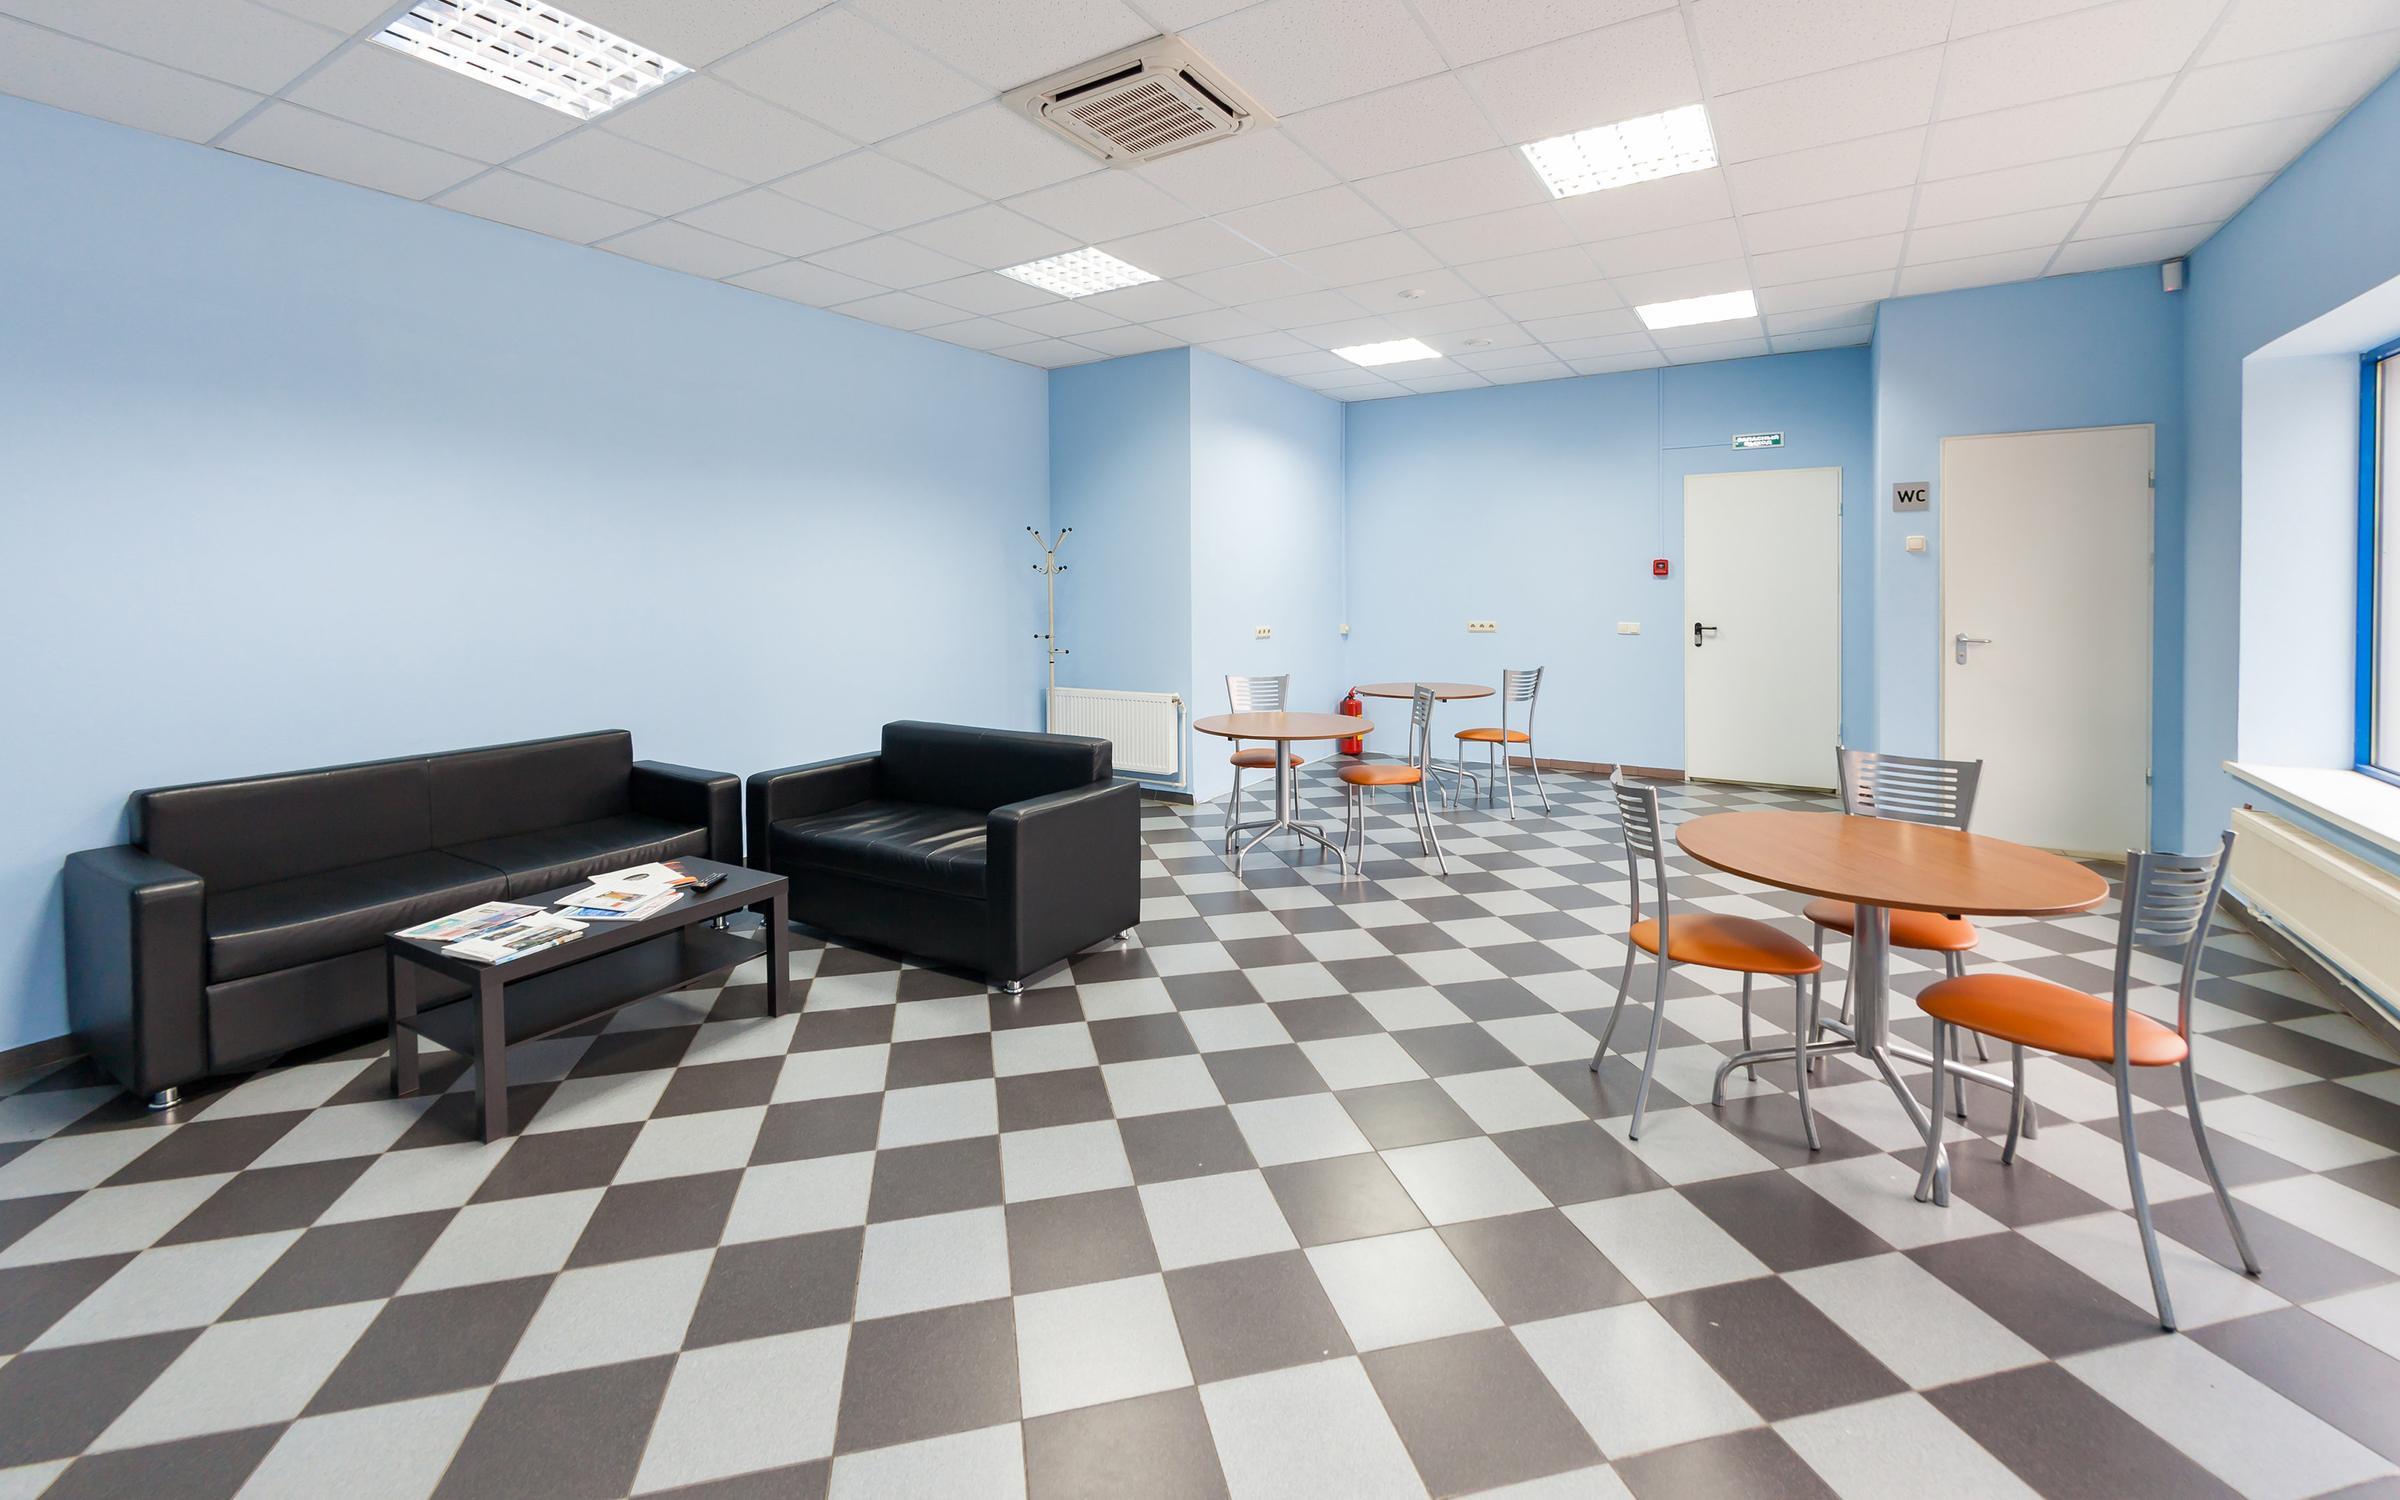 Г александров городская поликлиника телефон регистратуры